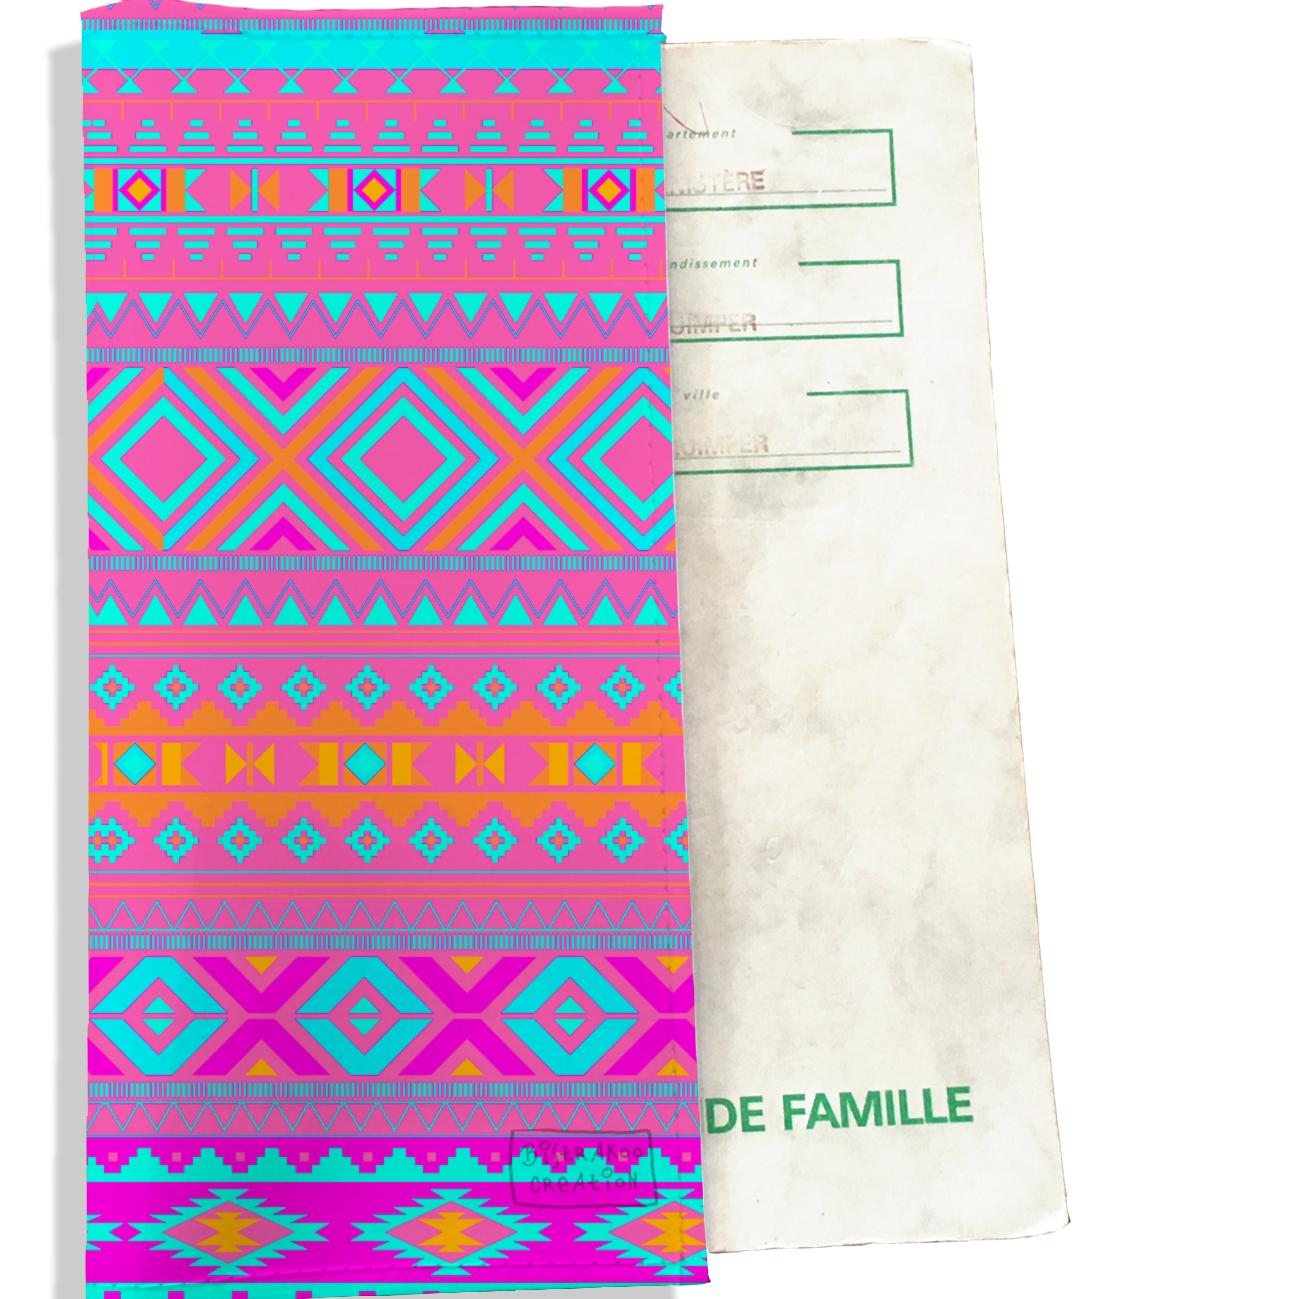 Protège livret de famille motif Aztec multicolore 2509